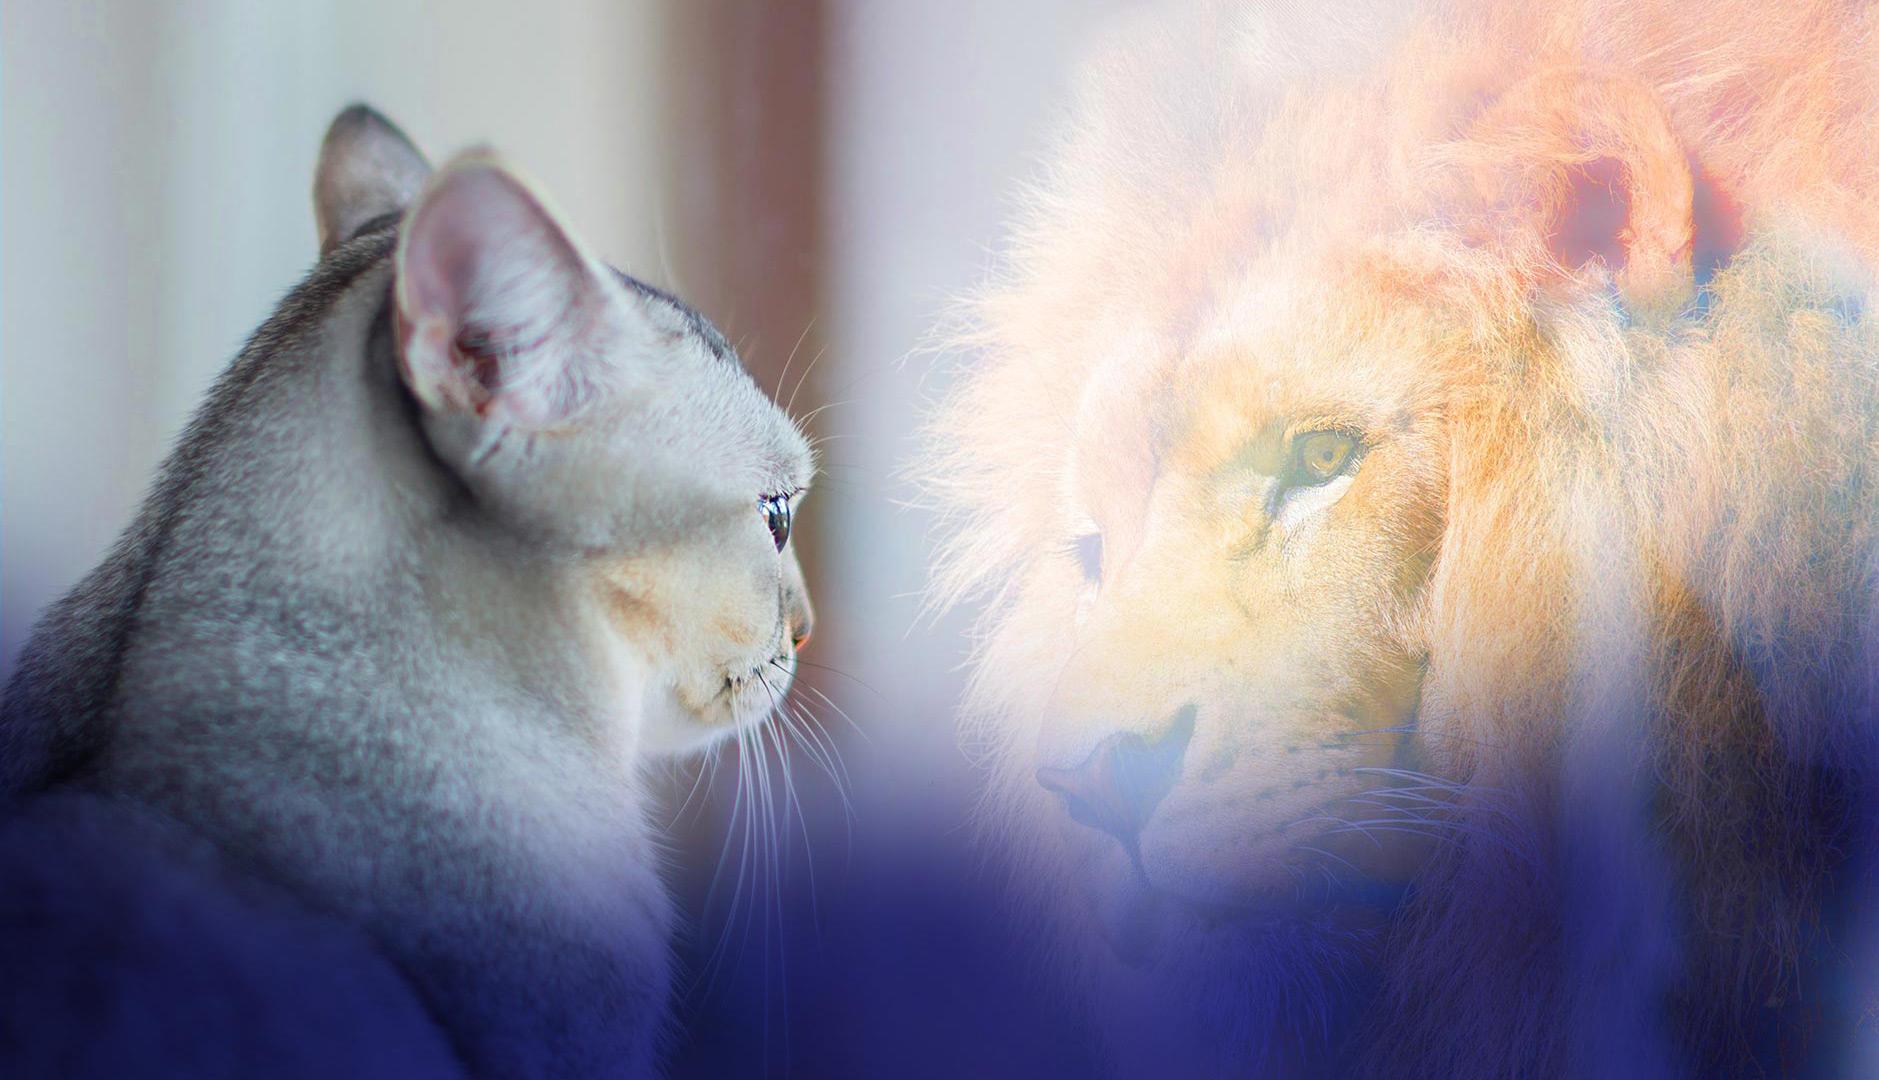 חתול מביט בראי וראוה את עצמו כארי